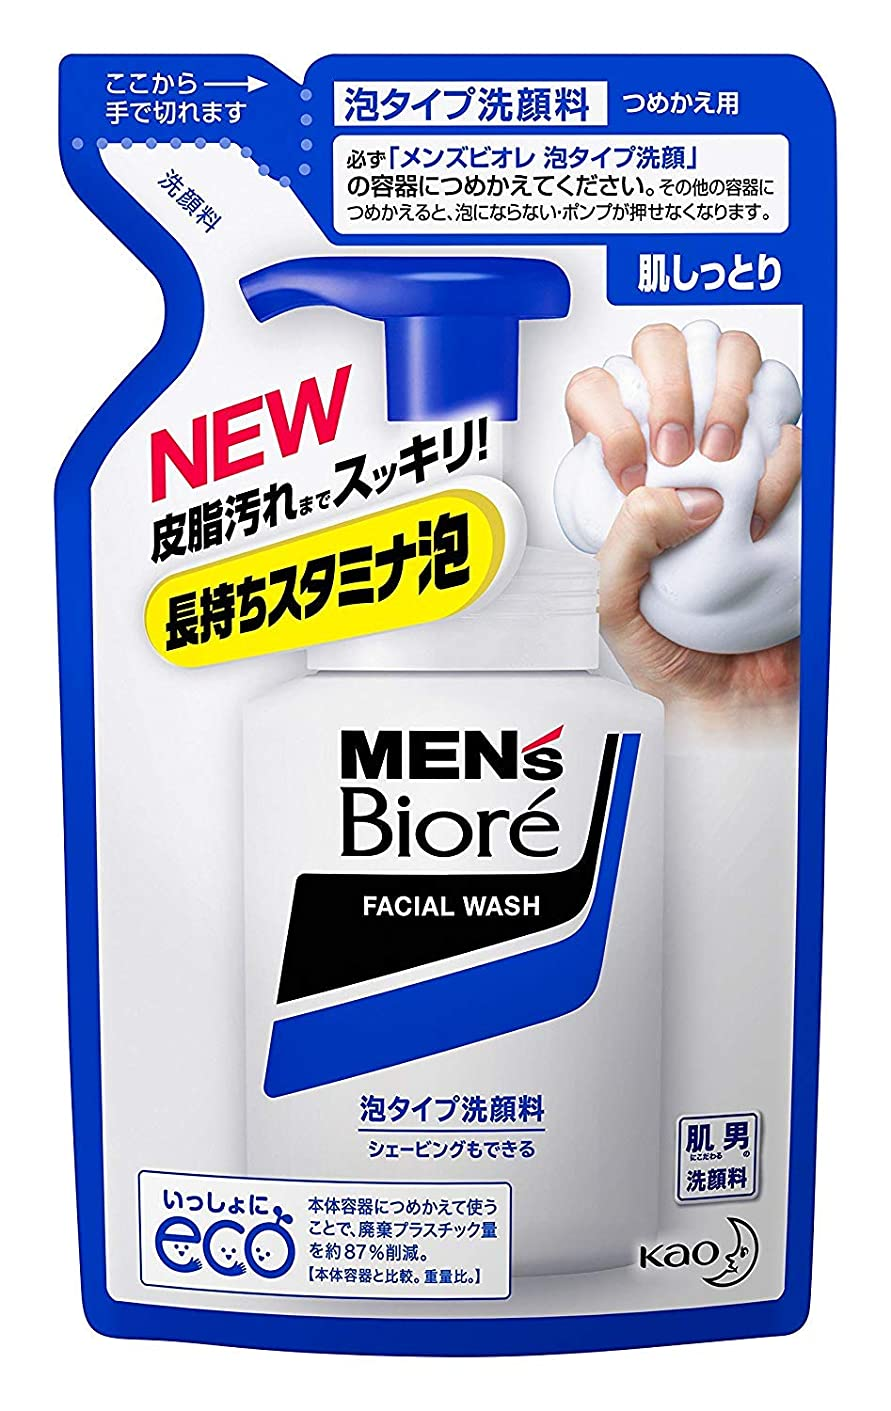 自由栄光の一時的【花王】メンズビオレ 泡タイプ洗顔 詰替 (130g) ×5個セット